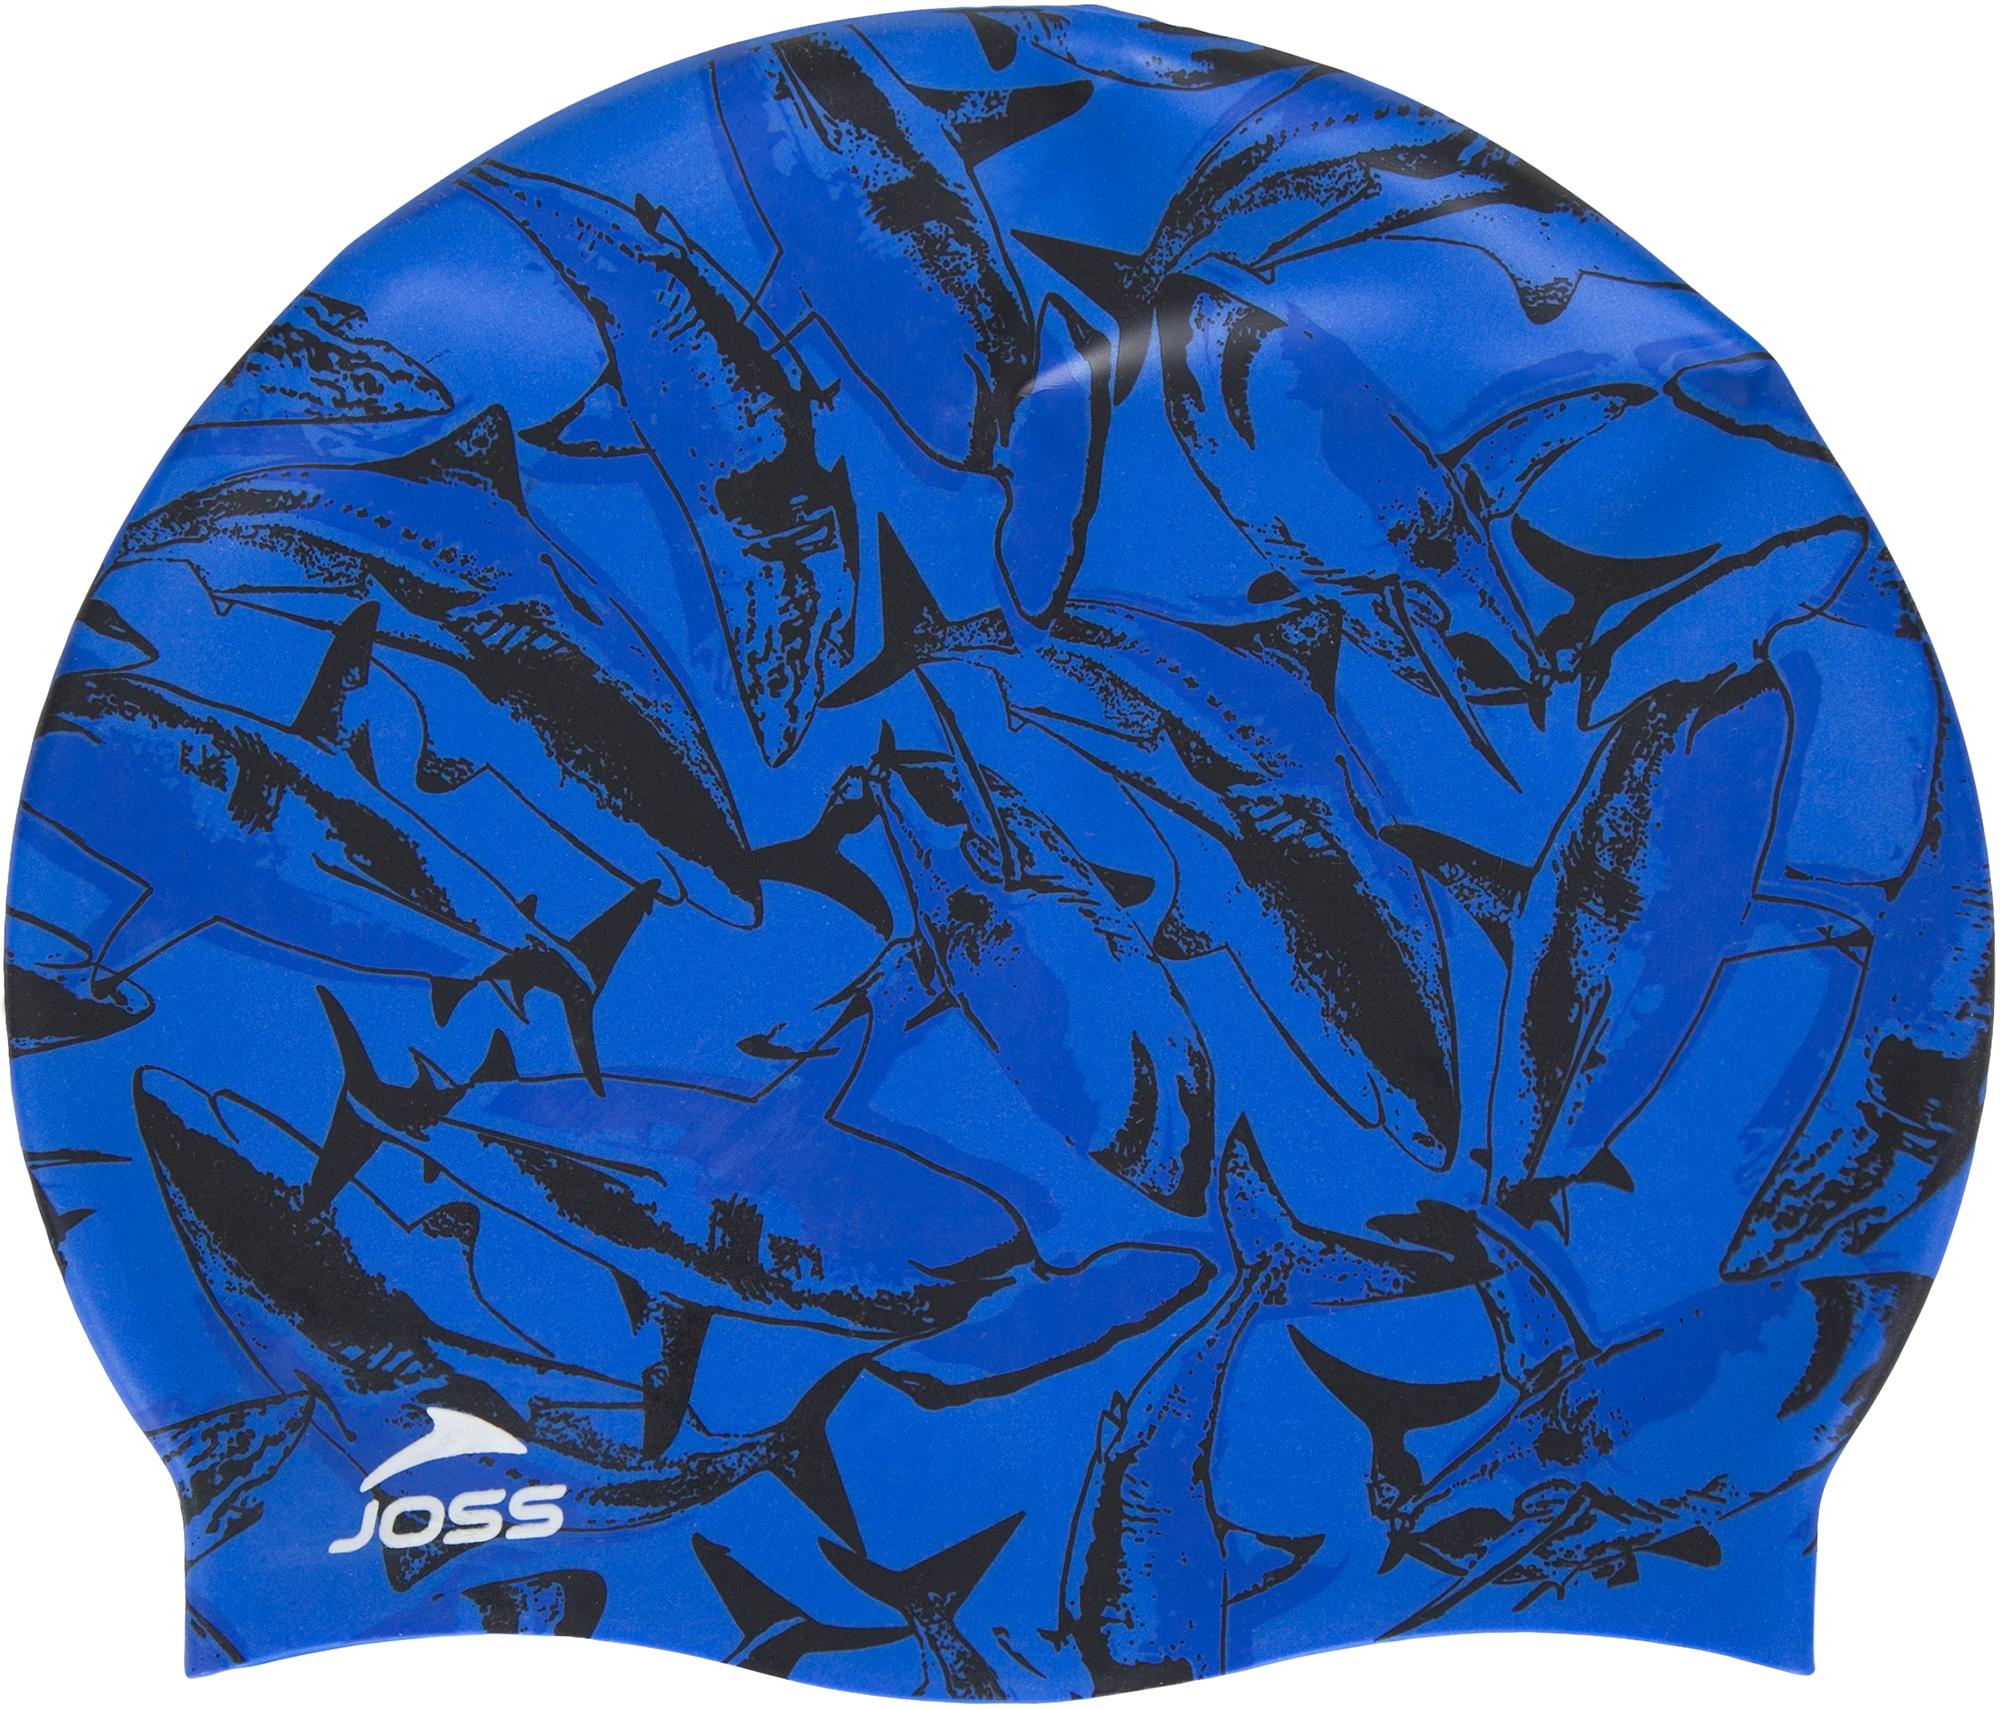 Joss Шапочка для плавания детская Joss, размер 52-54 футболка для плавания детская reima azores цвет зеленый 5163518073 размер 98